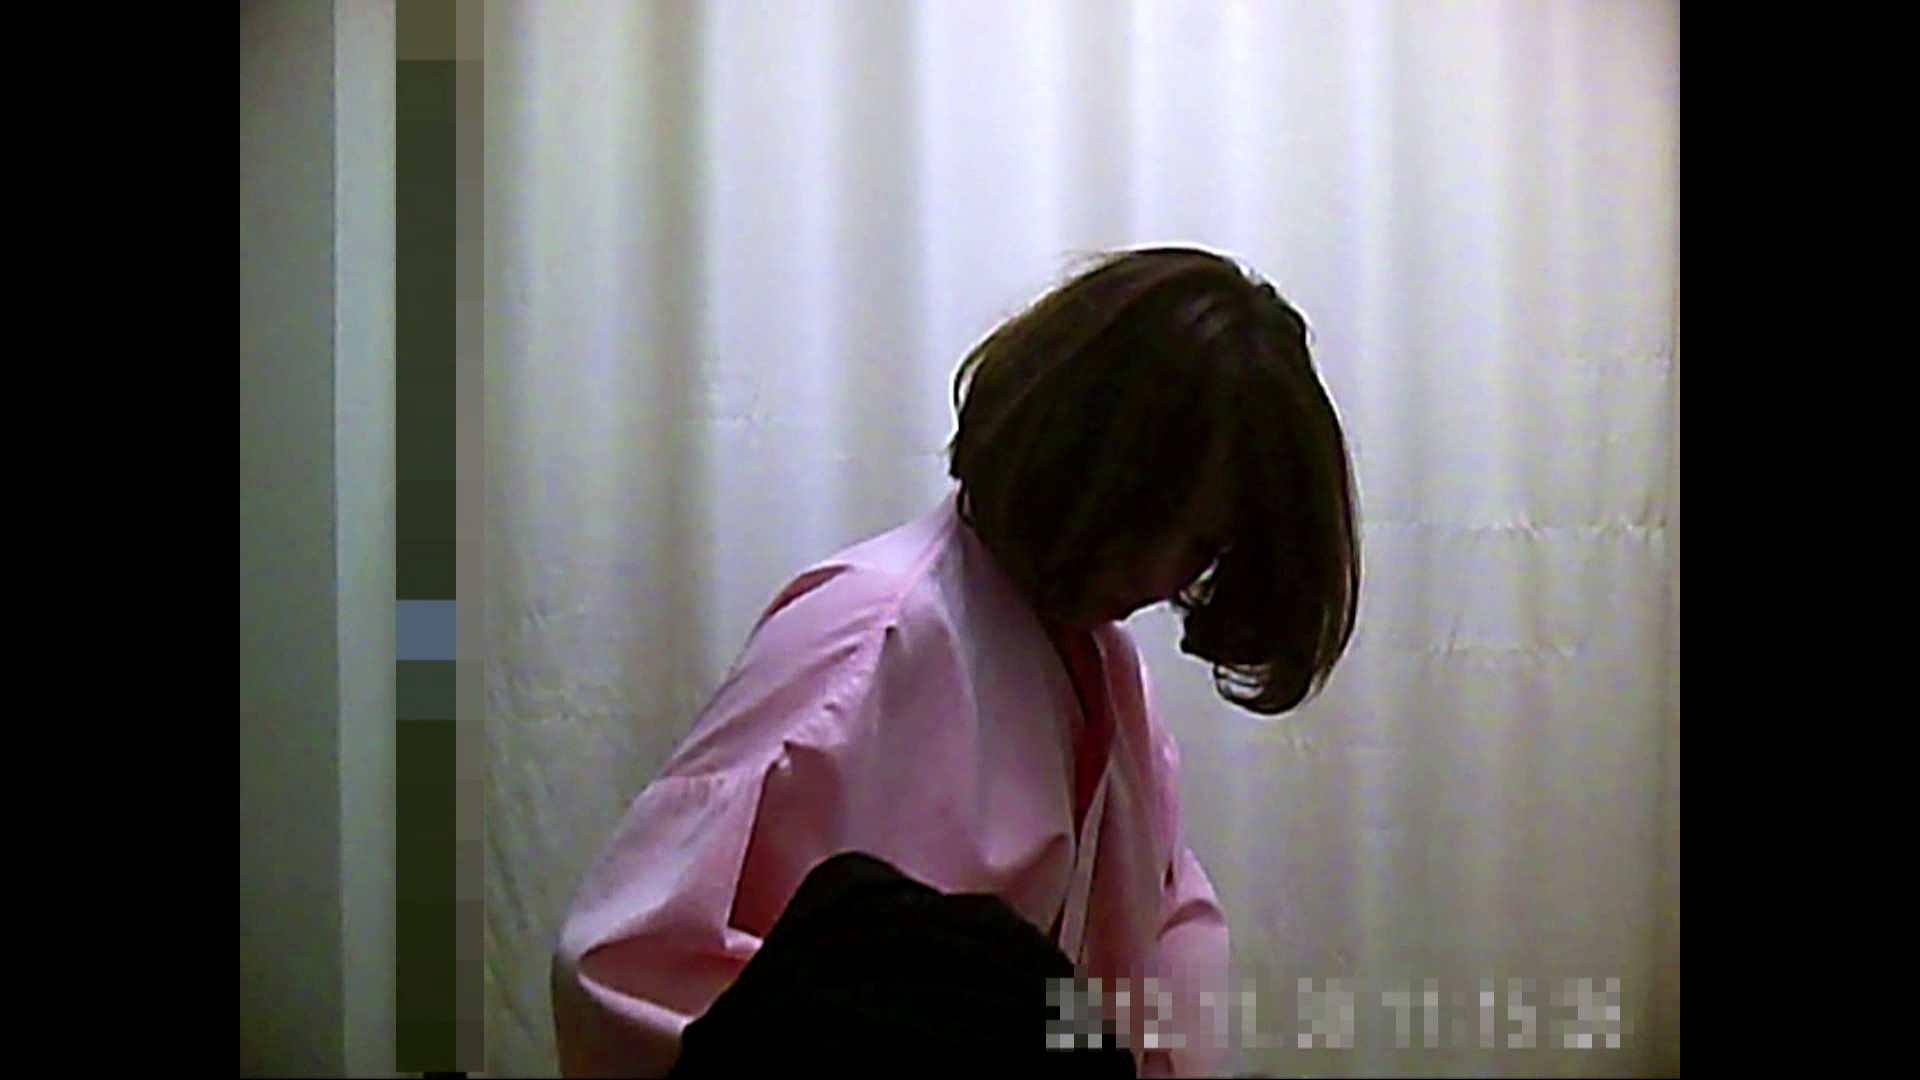 病院おもいっきり着替え! vol.165 おっぱい特集 エロ画像 81pic 3